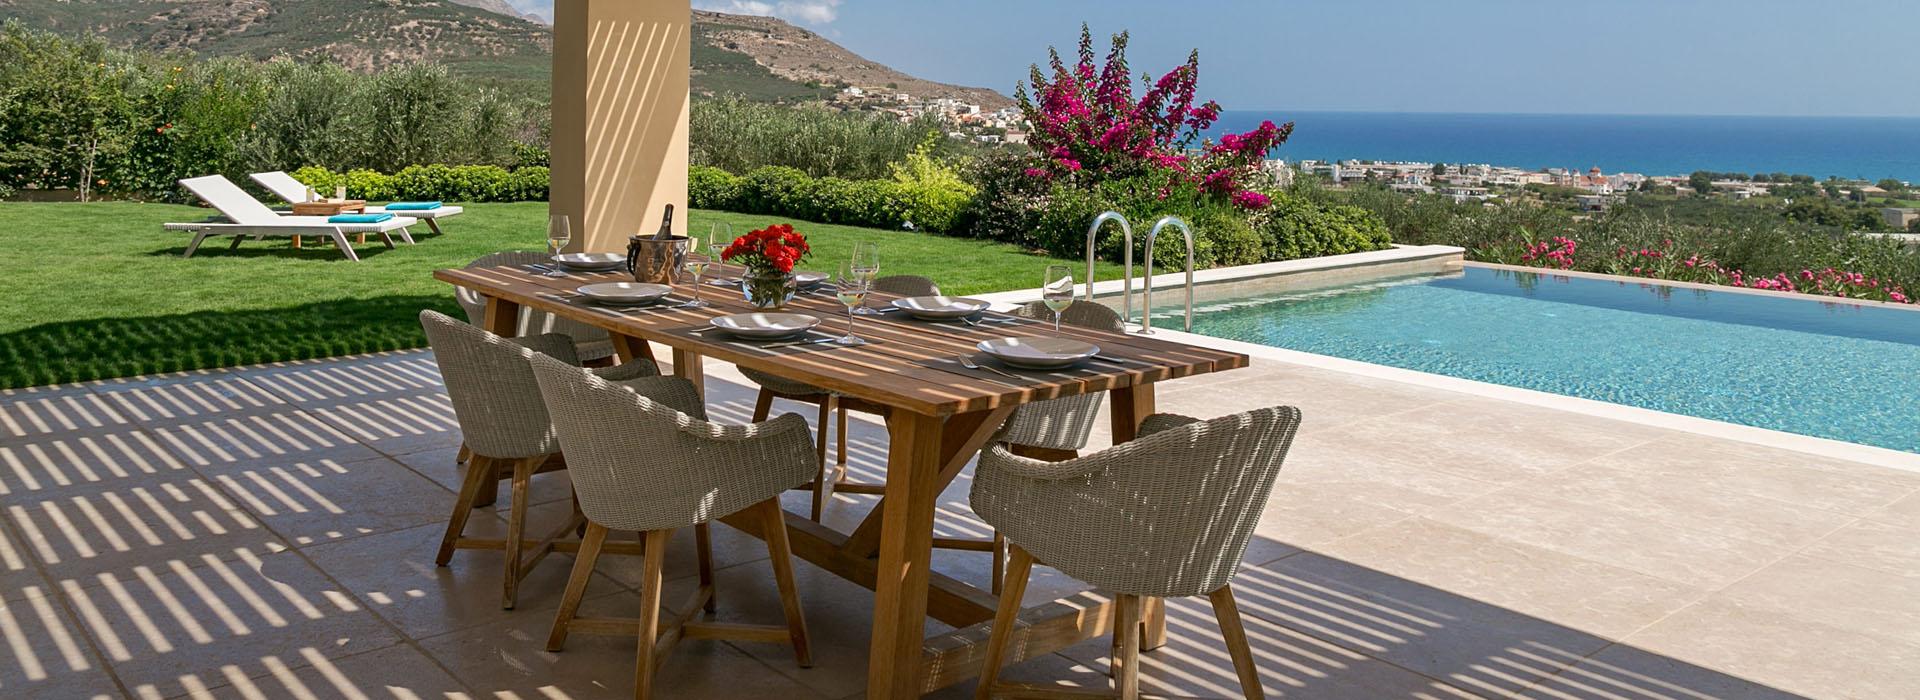 J G Luxury Villas Chania Crete